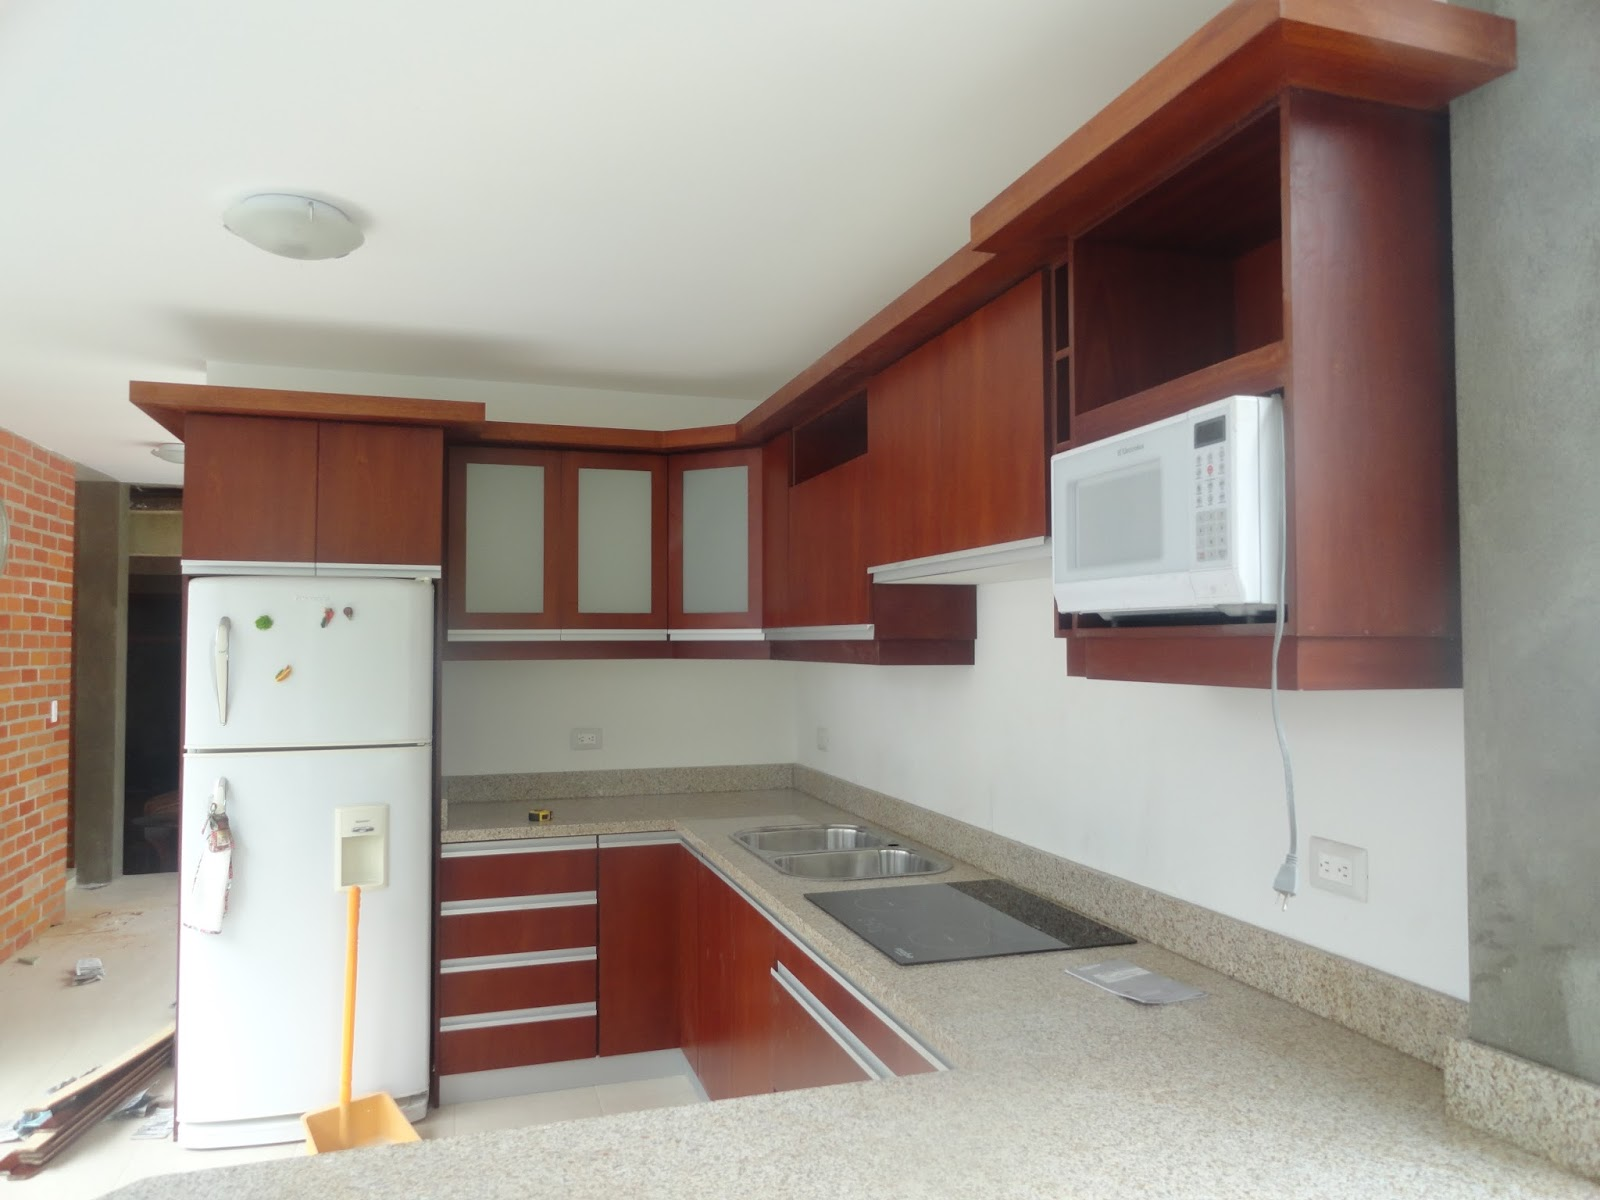 Ideatumobiliario muebles de cocina for Modelos de muebles de cocina modernos